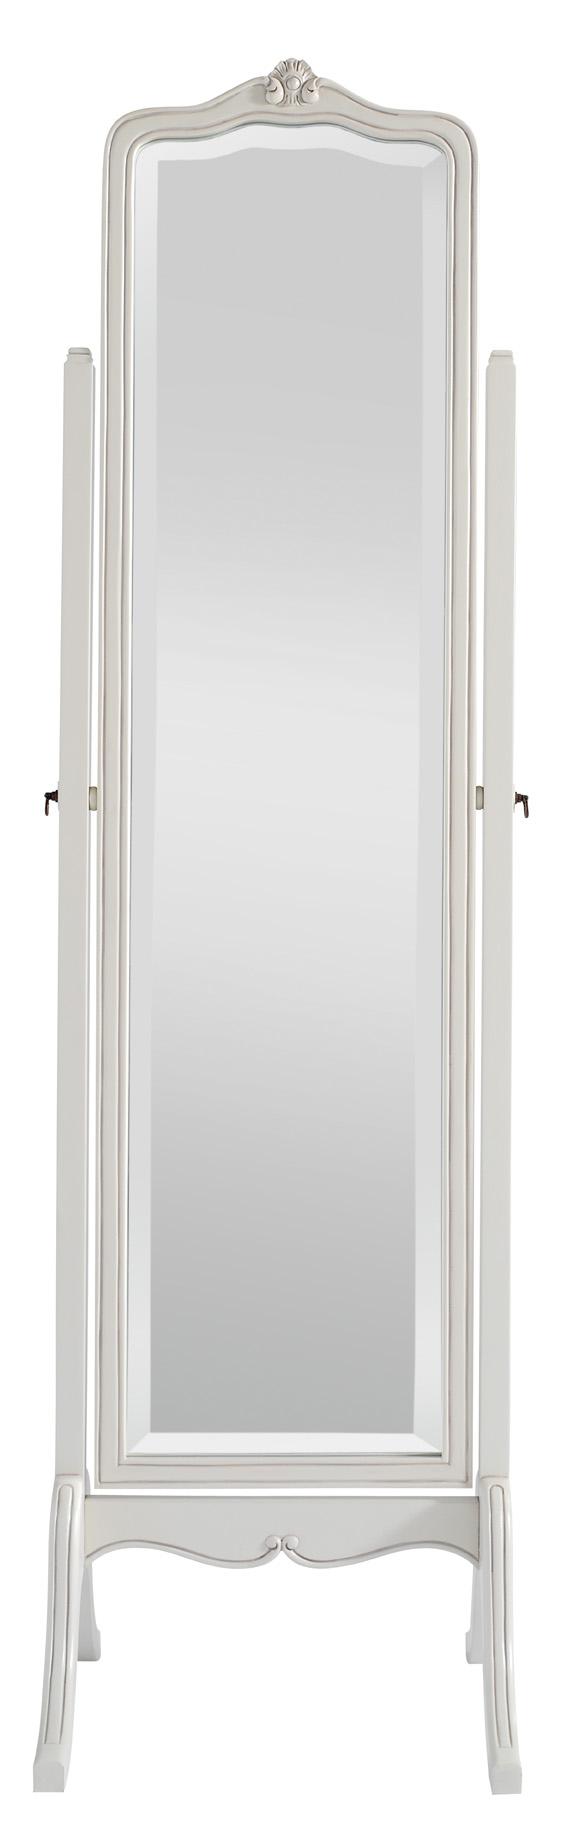 Isobel Cheval Full Length Mirror